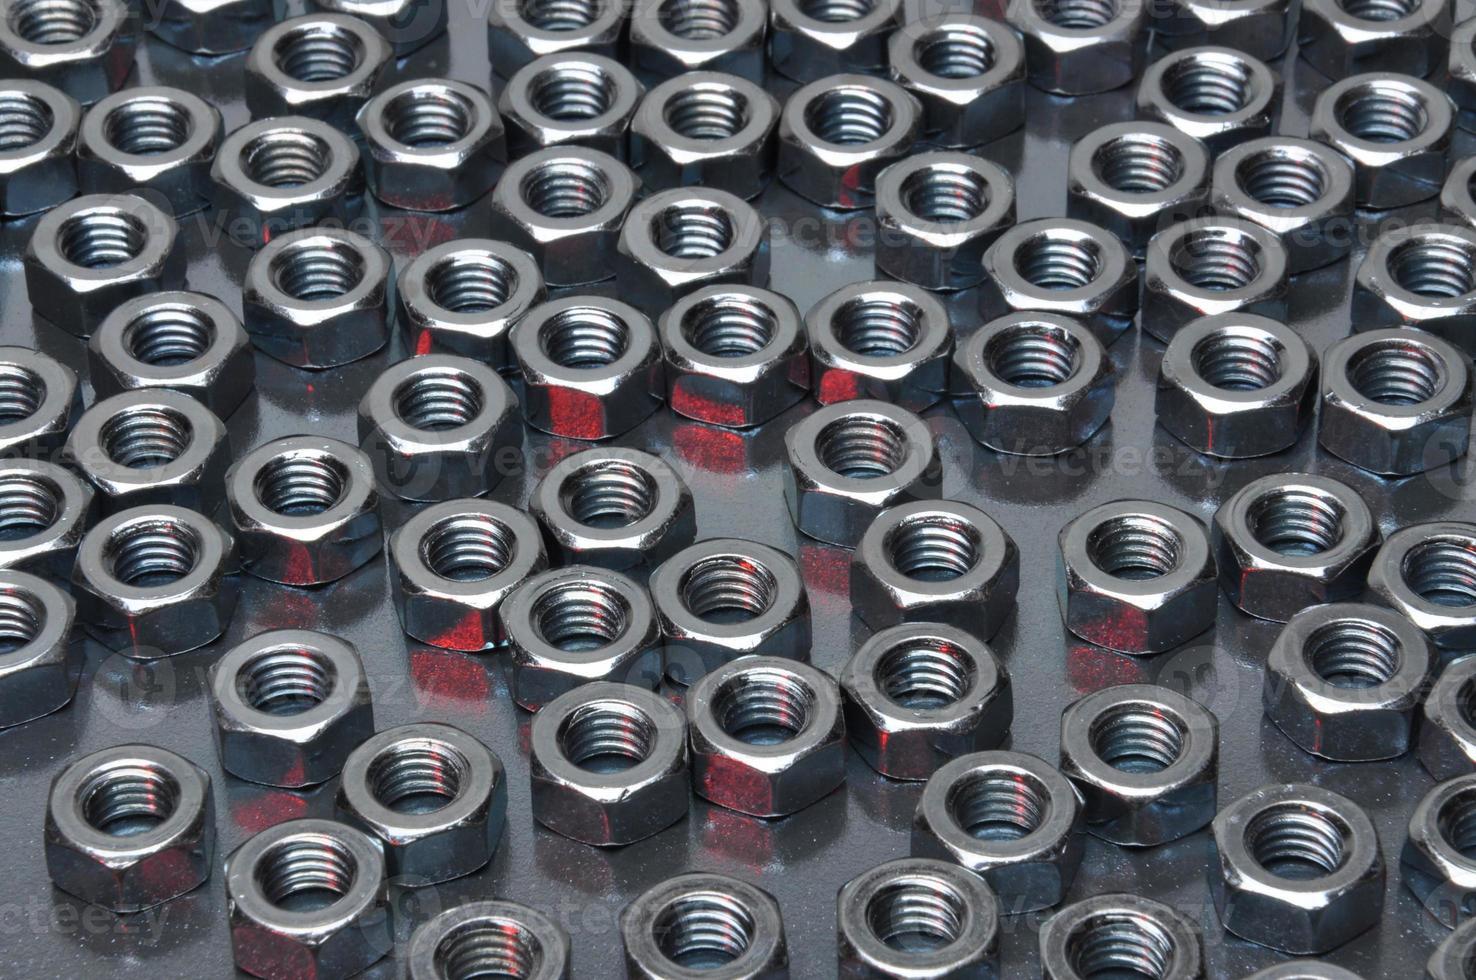 tuercas metálicas brillantes sobre una superficie metálica foto